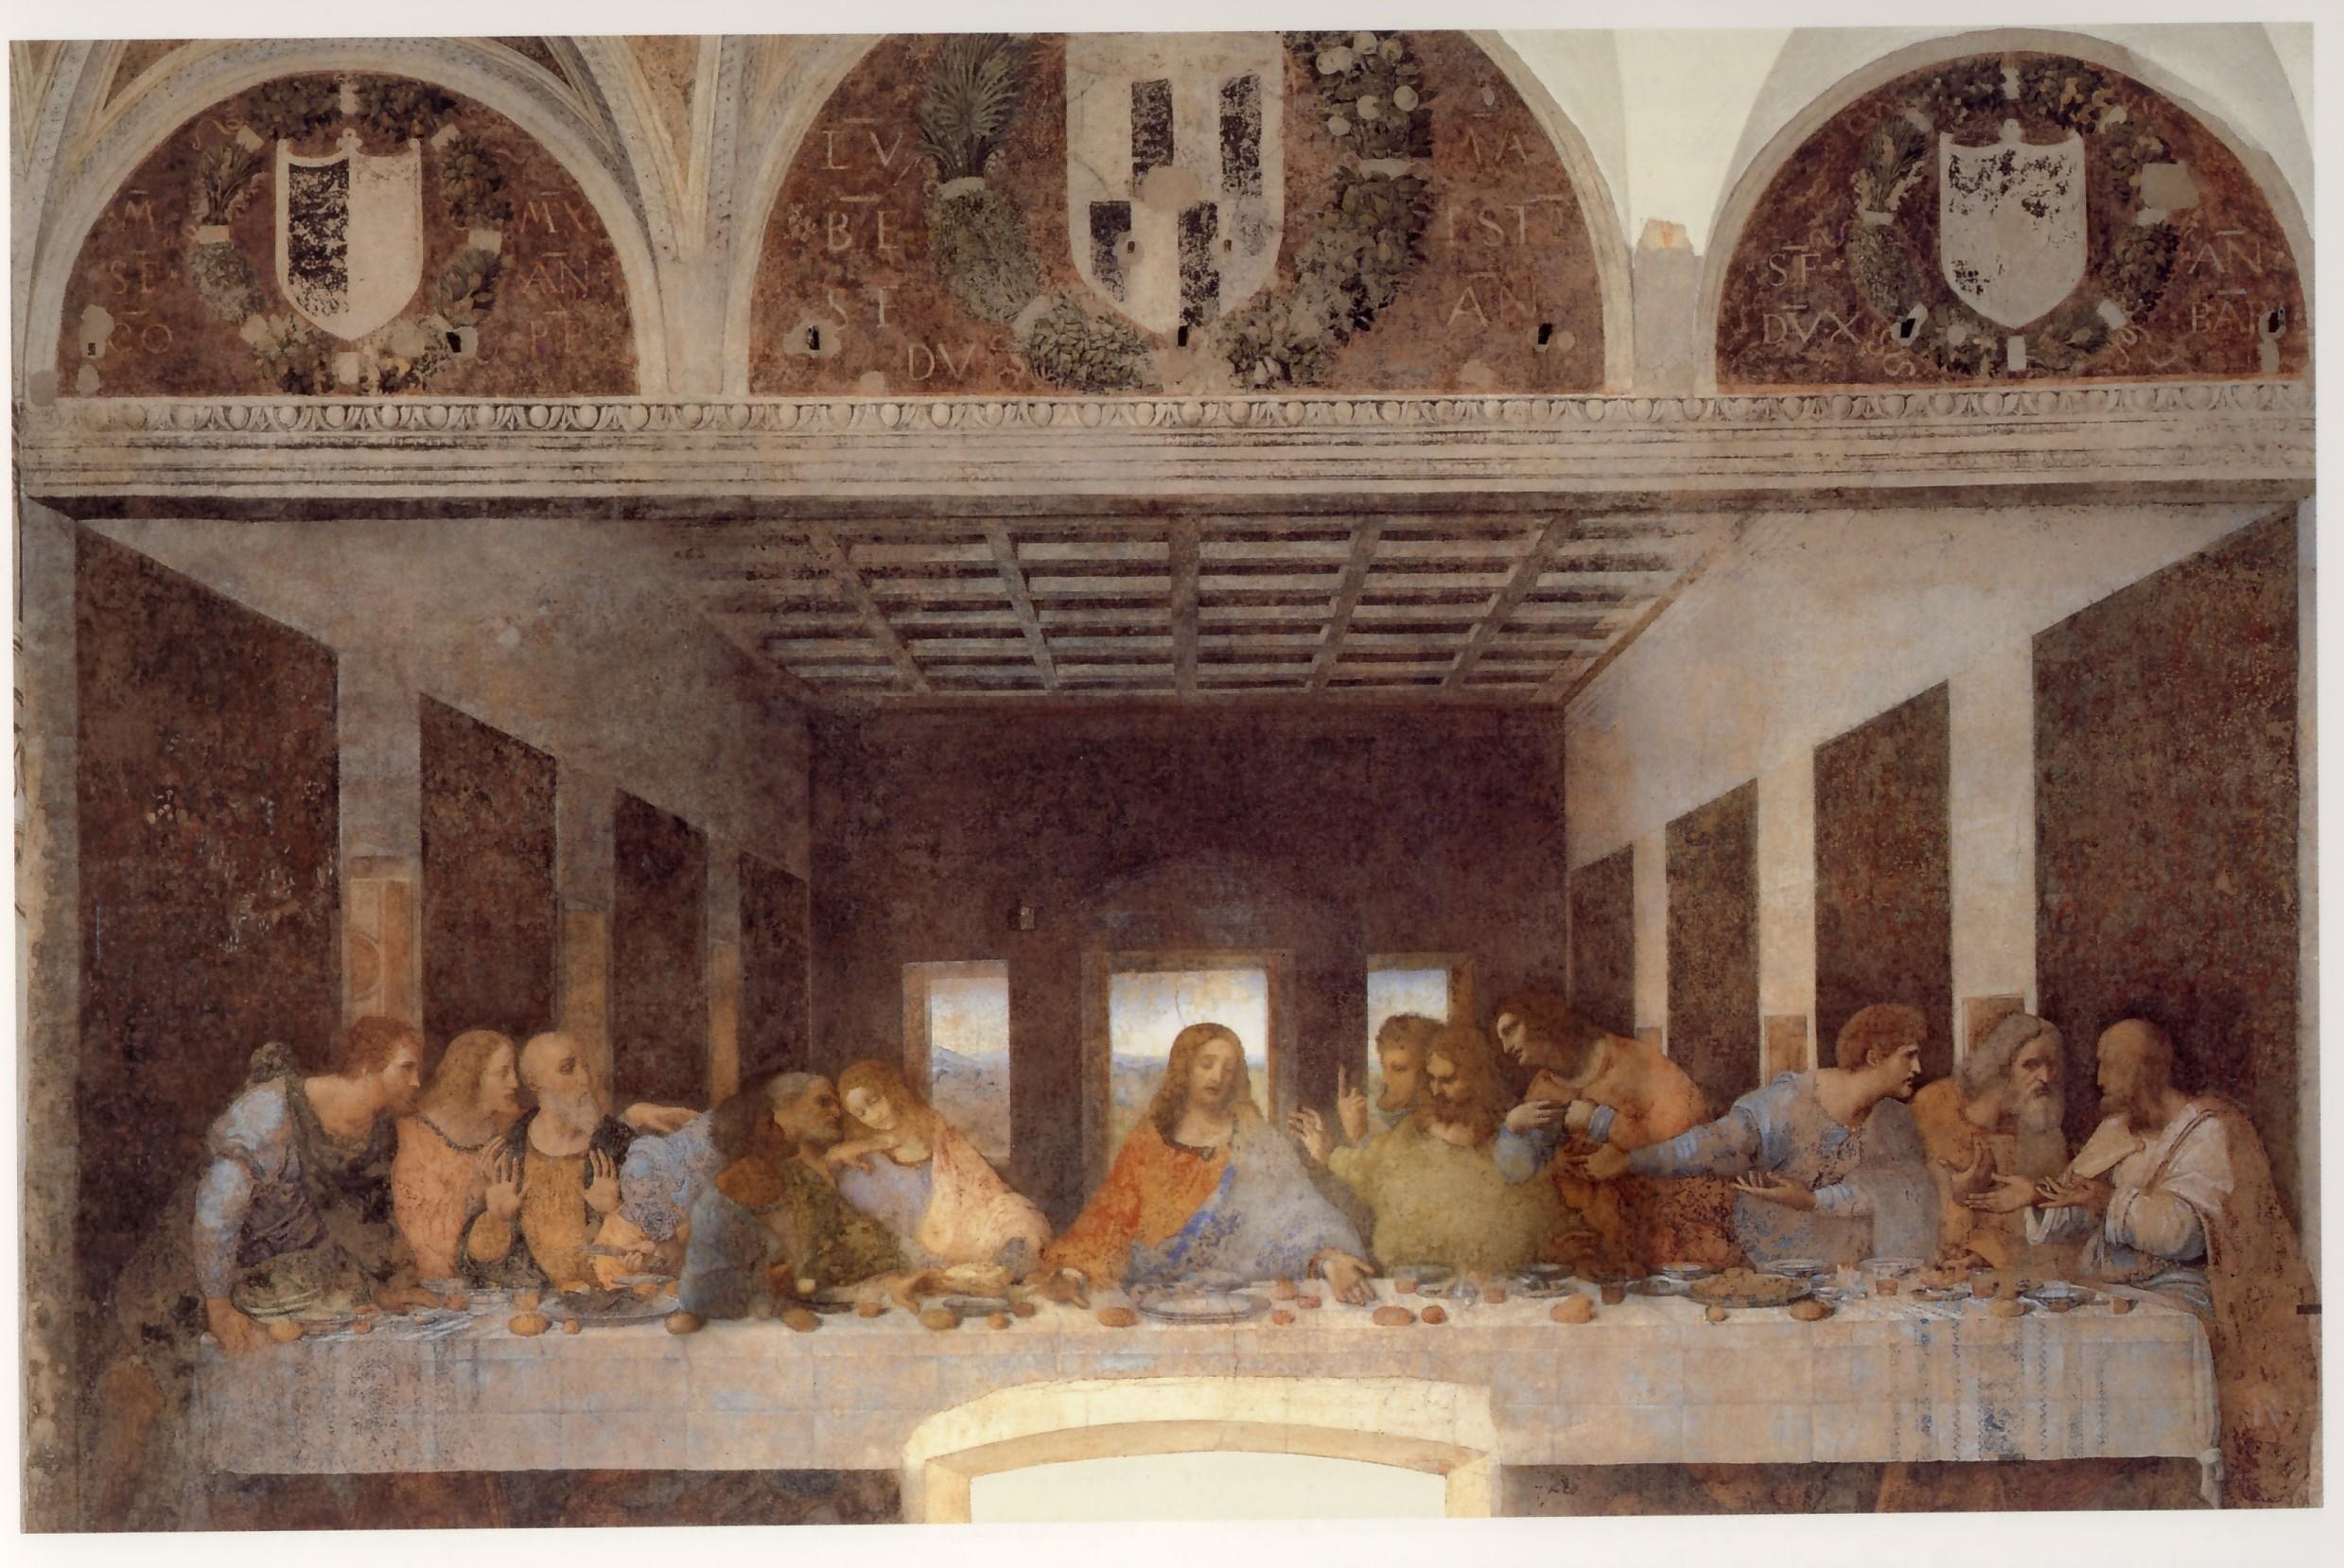 The 500th anniversary of Leonardo da Vinci's death: our calendar